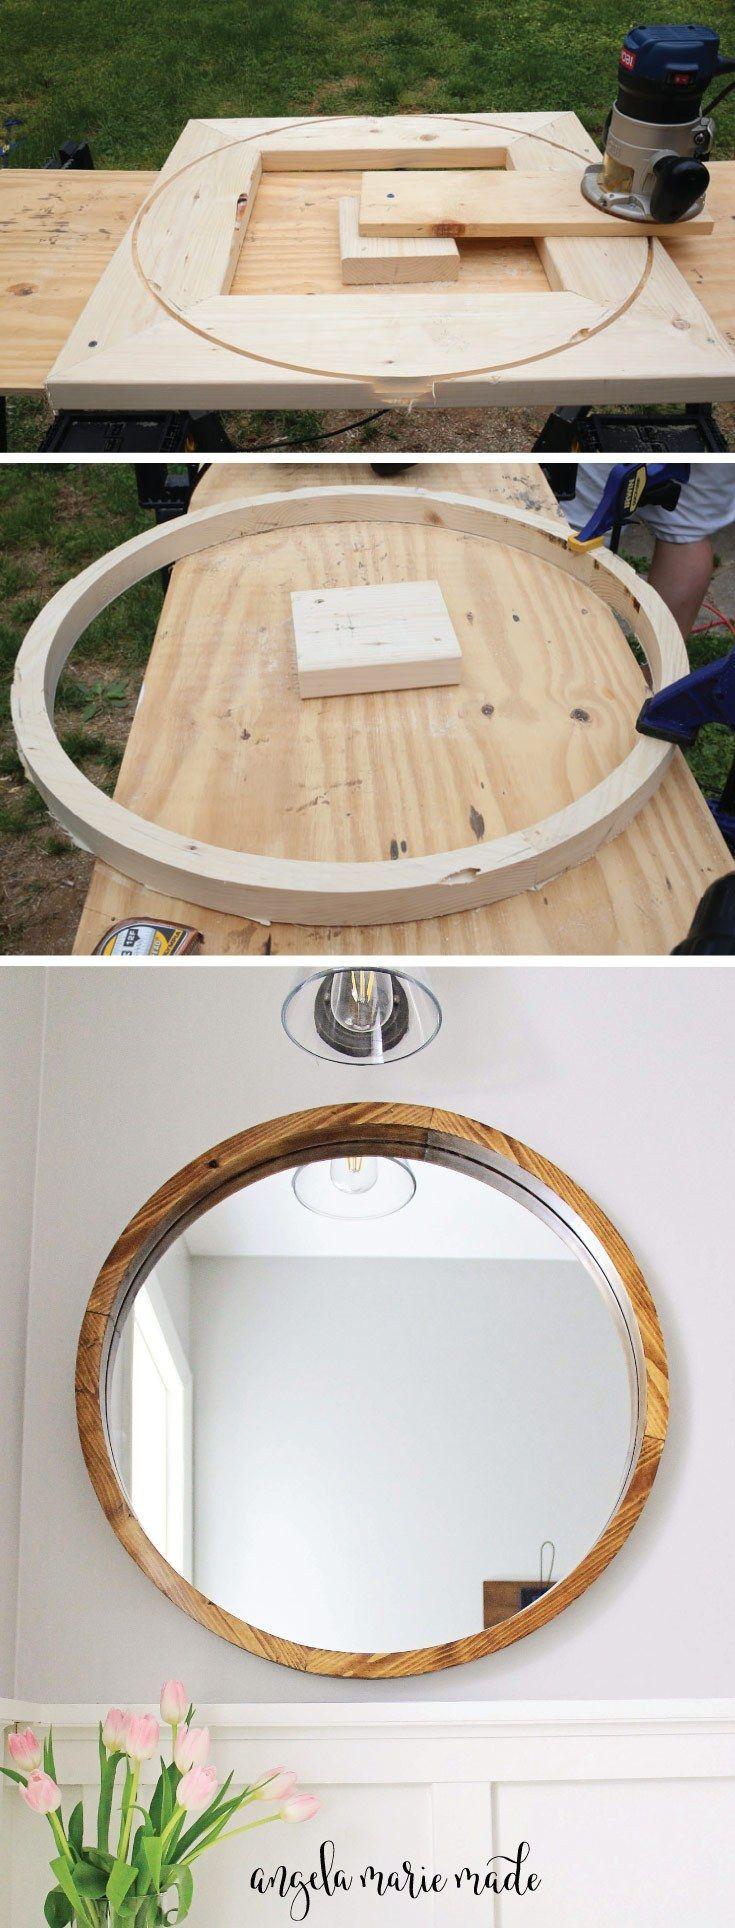 Round Wood Mirror DIY | DIY Crafts | Pinterest | Woodworking ...